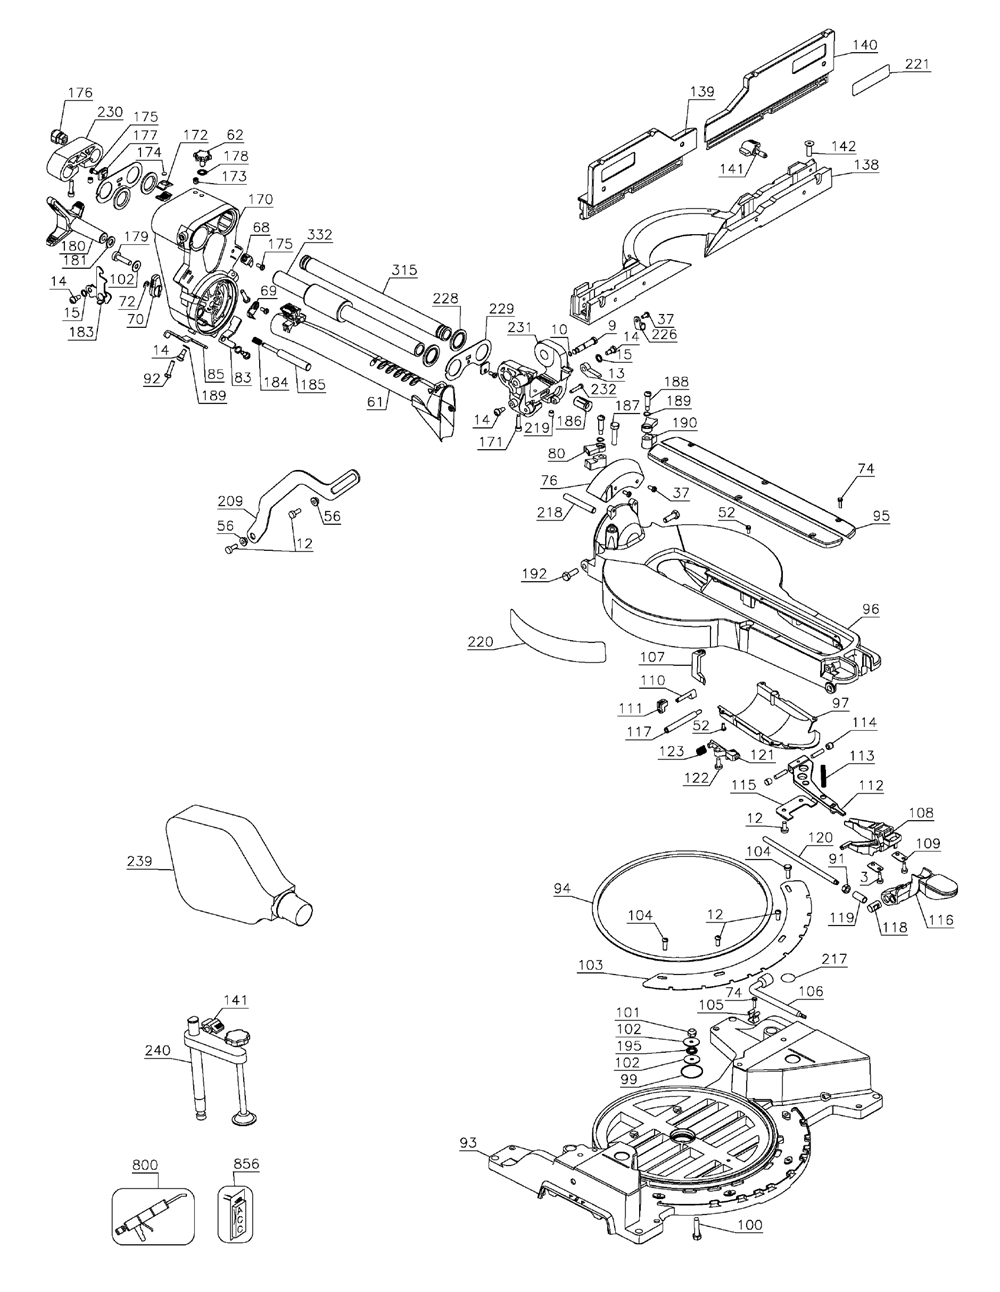 DWS780-T20-Dewalt-PB-1Break Down